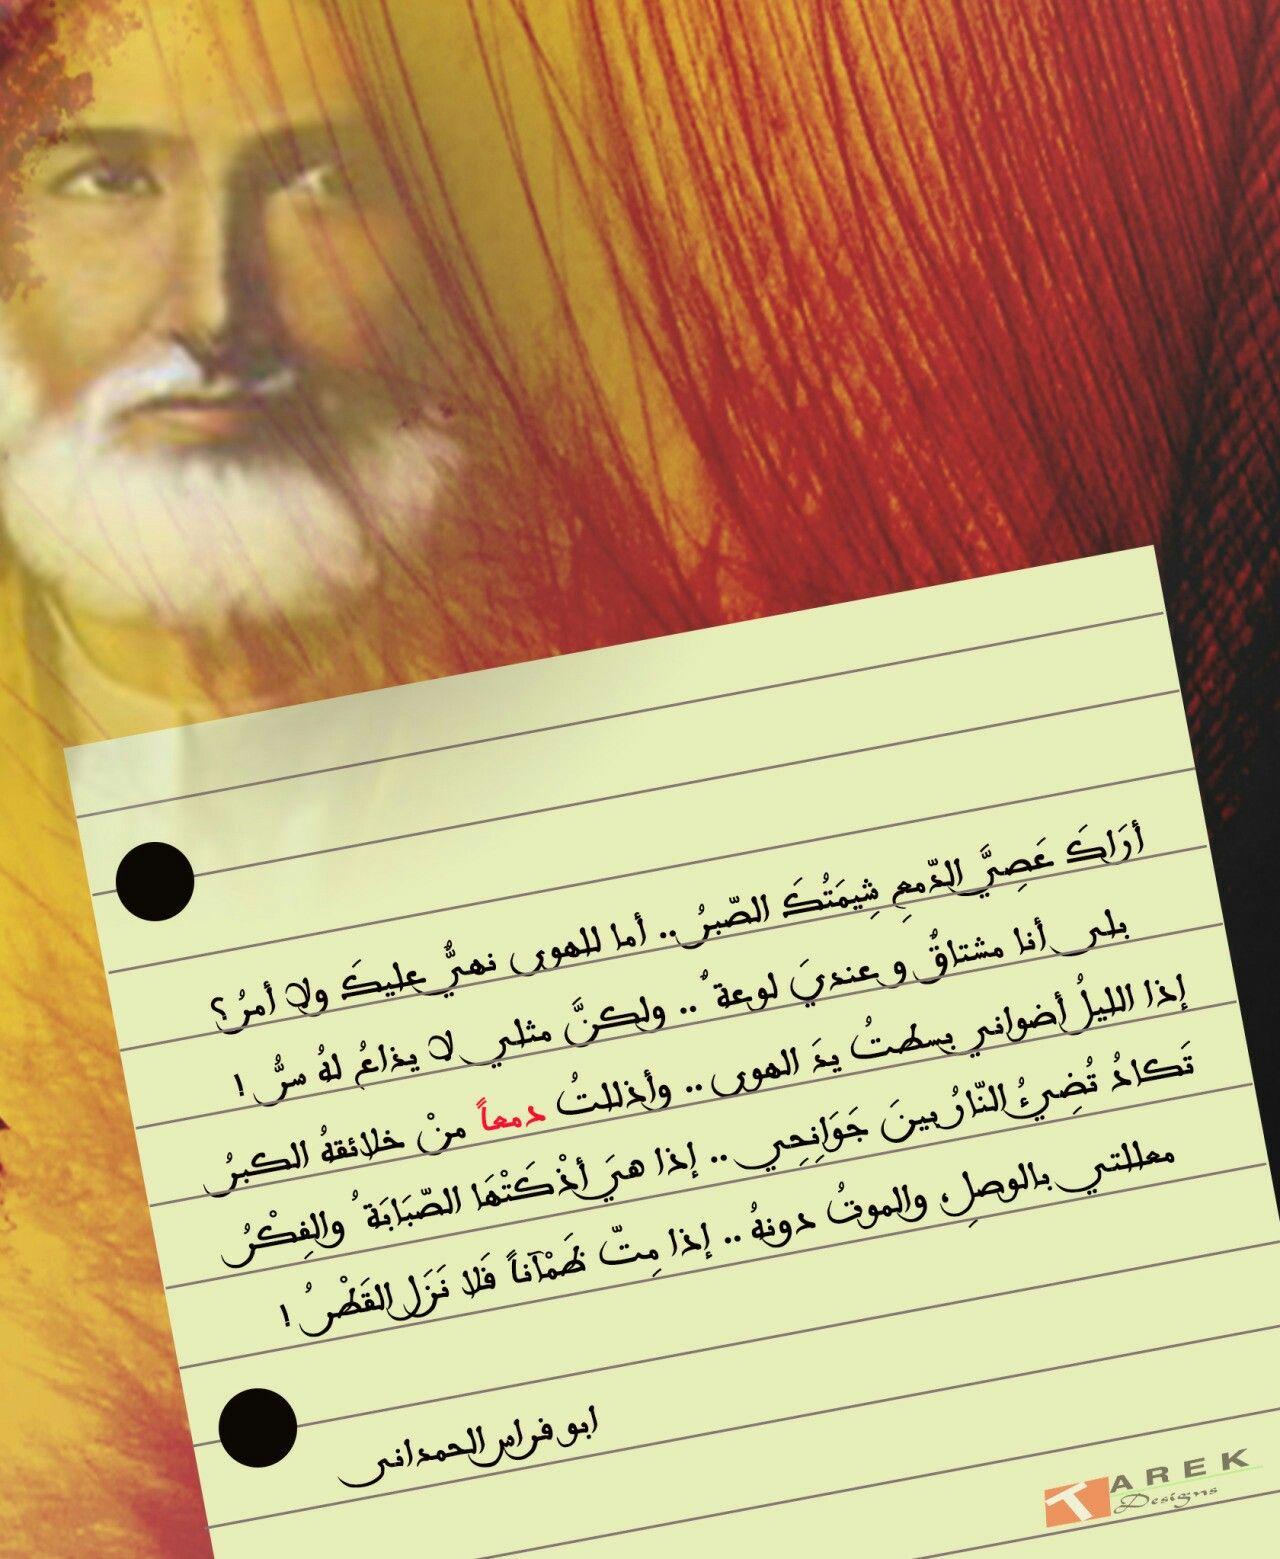 أراك عصي الدمع أبو فراس الحمداني Poetry Language Event Ticket